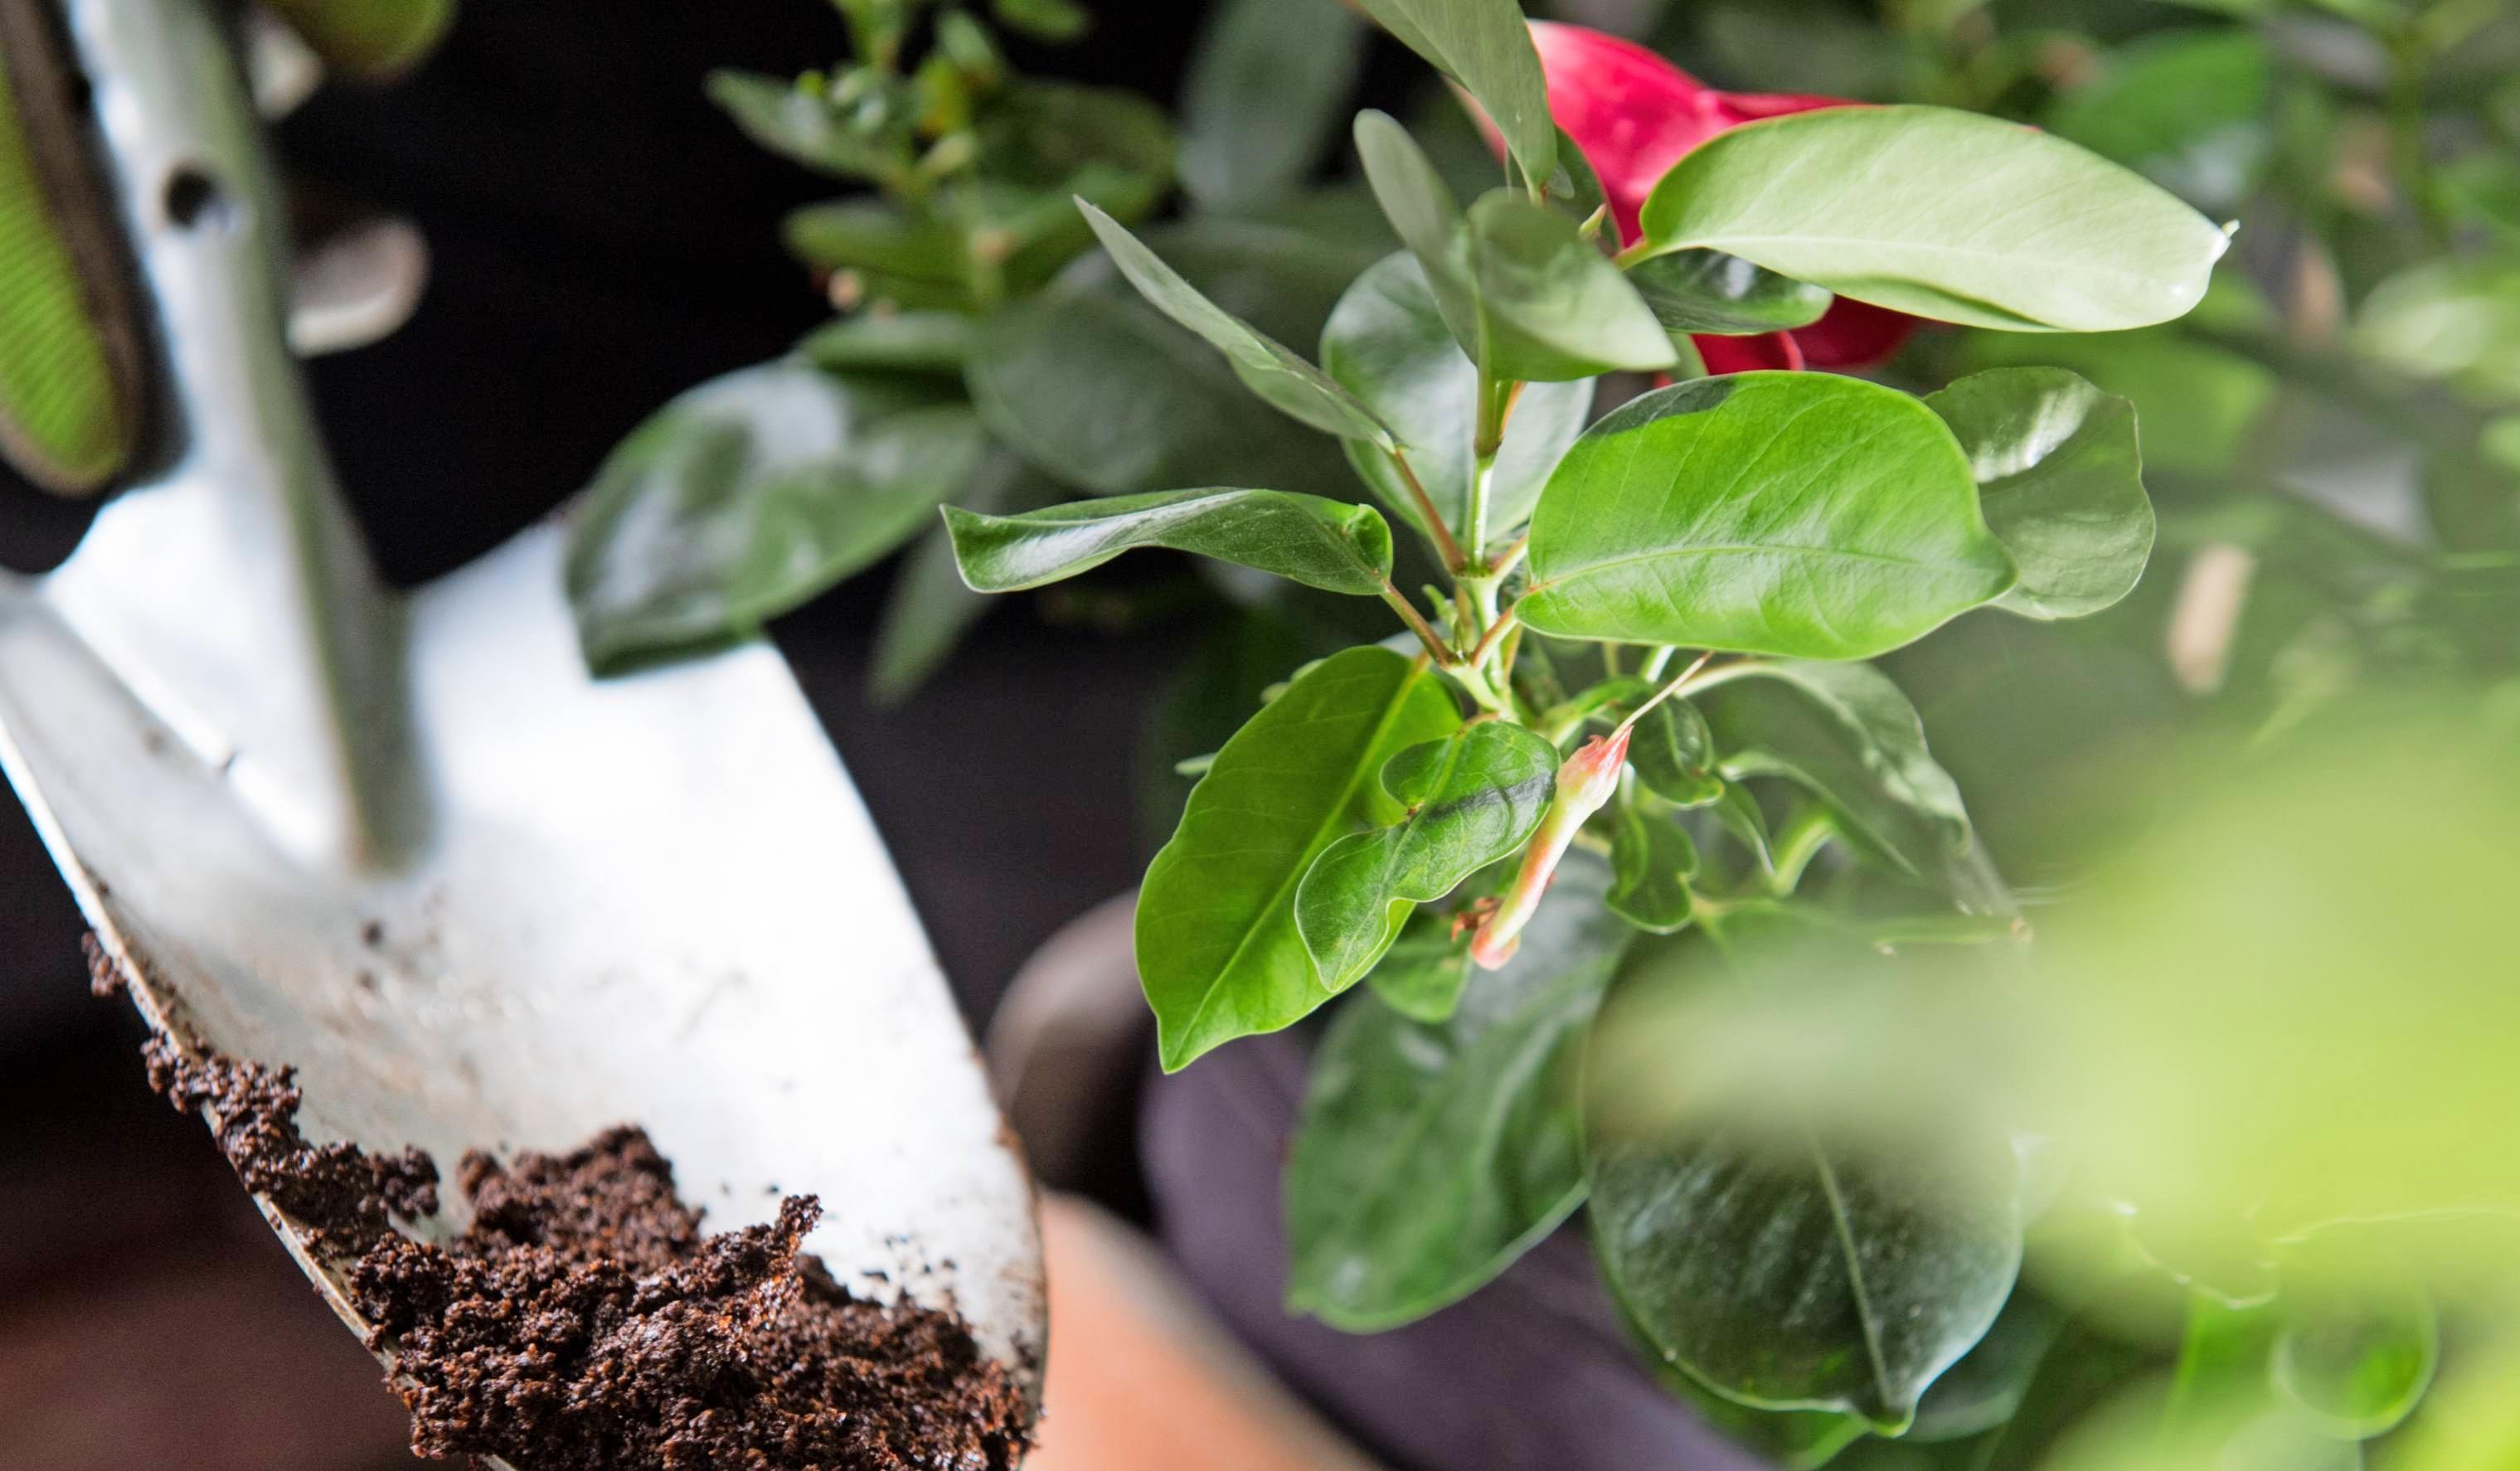 Kostenlos und äußerst effektiv: Kaffeesatz und eine Kaffee-Wassermischung sind ein prima Naturdünger, der gleichzeitig als Pflanzenschutz dient und zur Abwehr tierischer Schädlinge beiträgt. Foto: dp